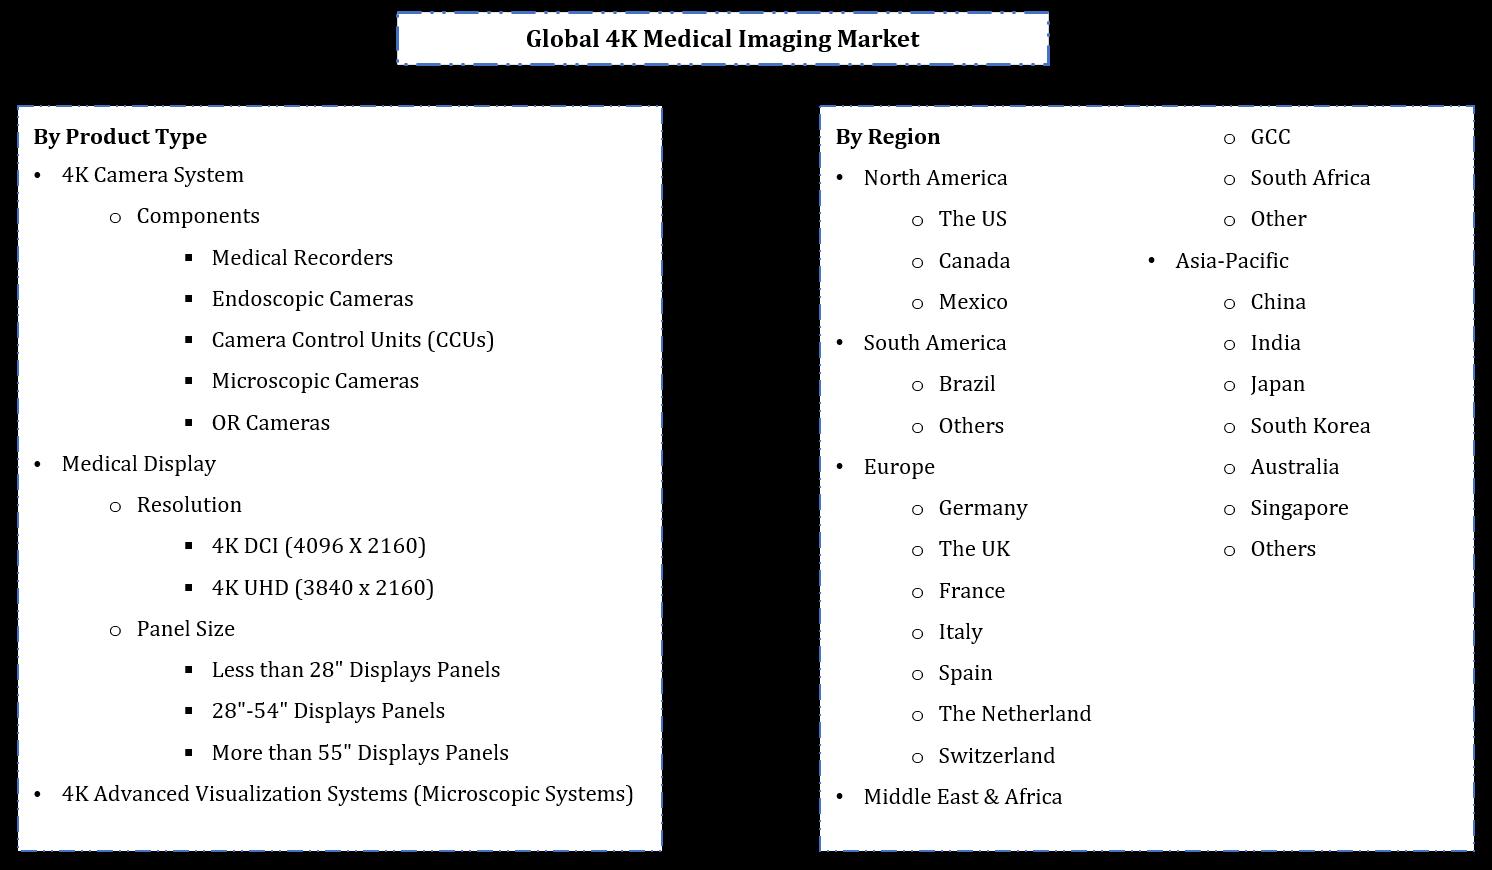 Global 4K Medical Imaging Market Segmentation